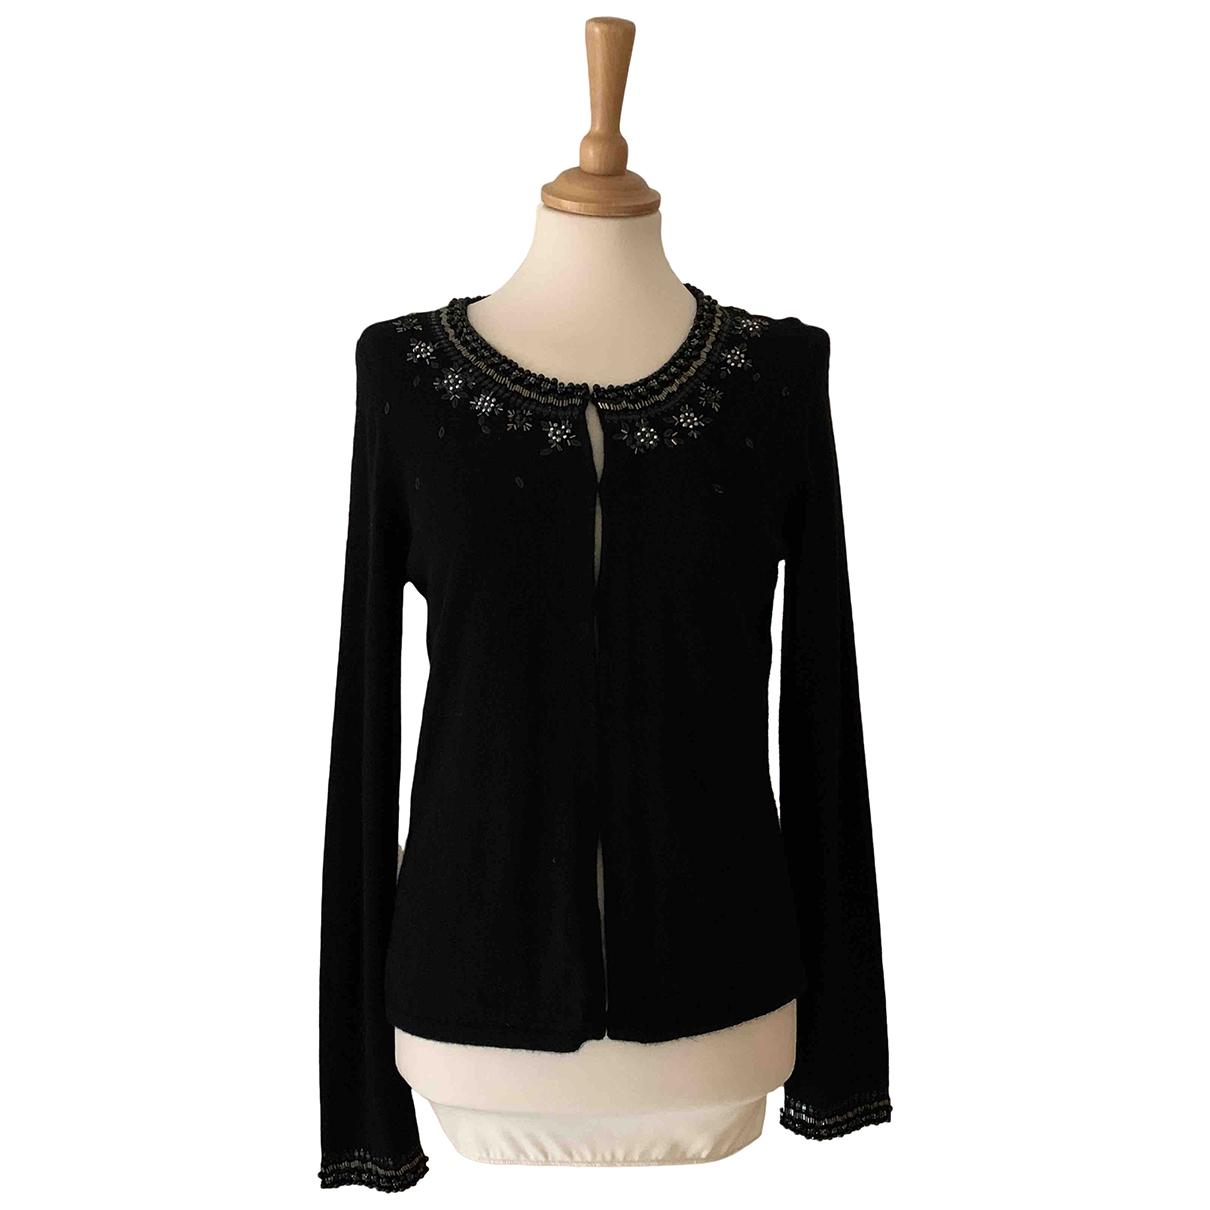 Nicole Farhi \N Black Wool Knitwear for Women S International